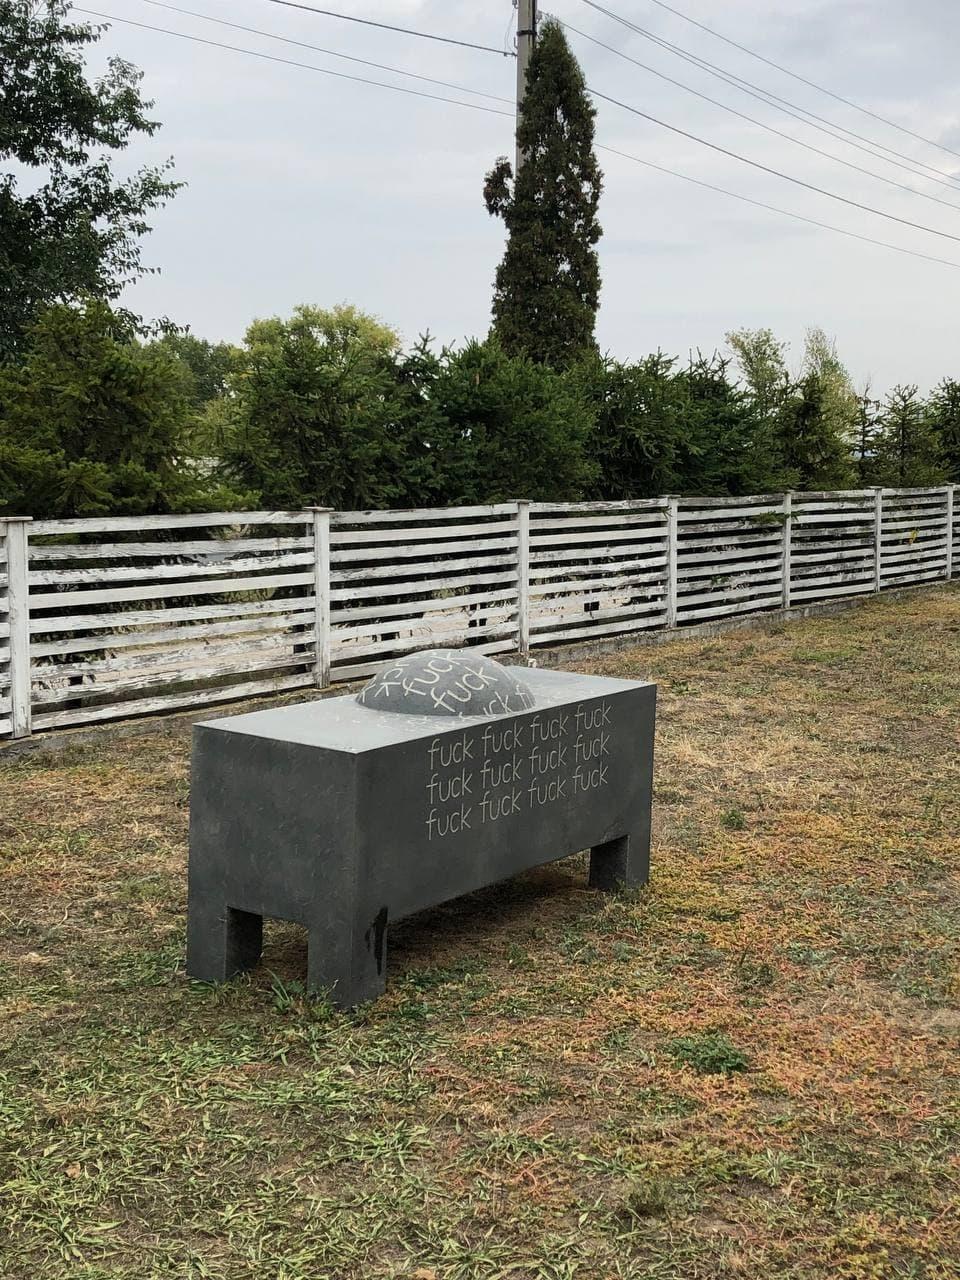 Днепр, горы и культура: почему стоит посетить скульптурный парке в Каневе - фото №8